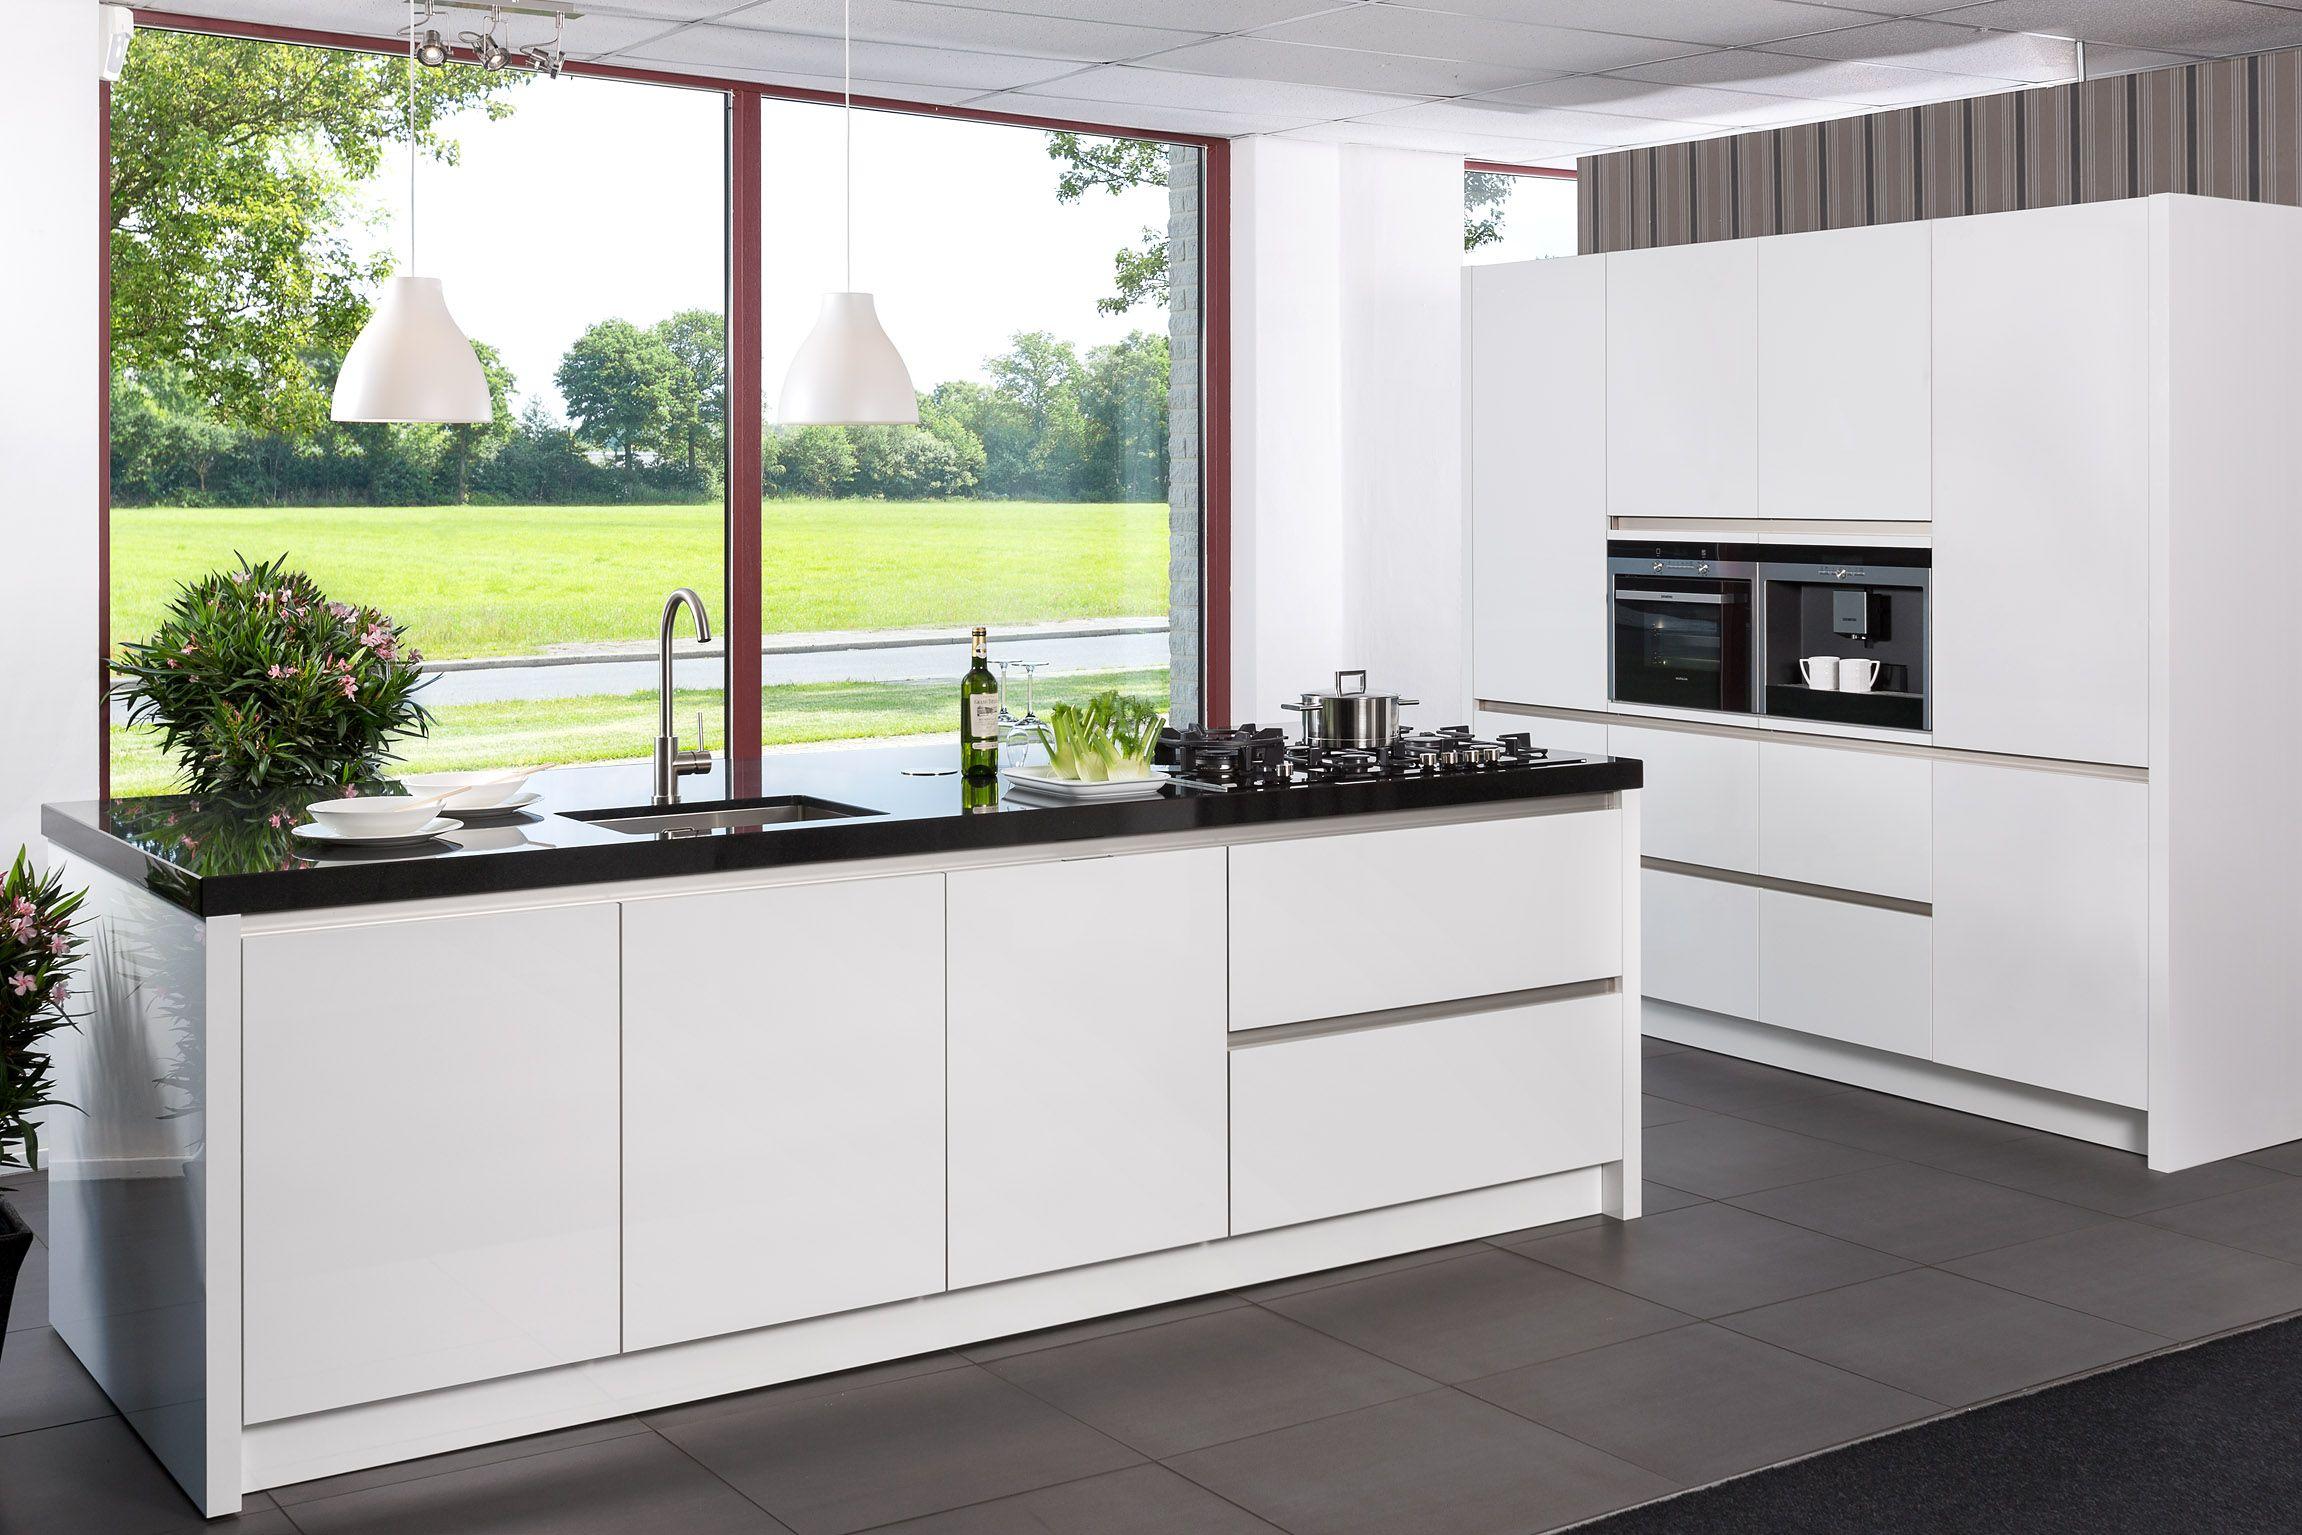 Showroomkeukens alle showroomkeuken aanbiedingen uit nederland keukens voor zeer lage keuken - Foto van moderne keuken ...